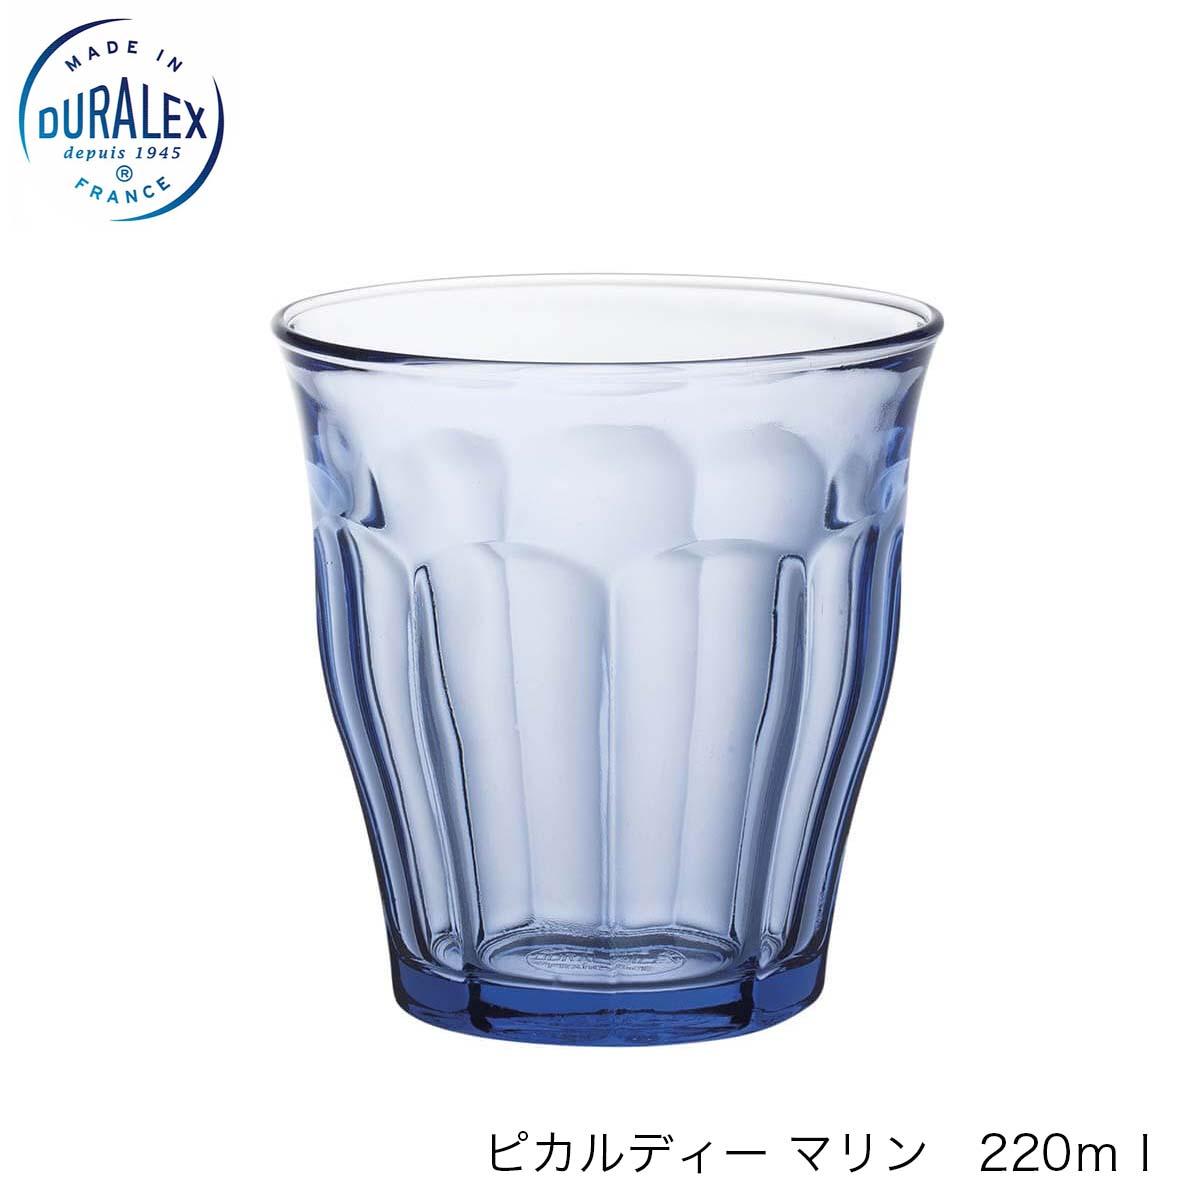 全面物理強化ガラス DURALEX デュラレックス 在庫一掃売り切りセール 爆売り ピカルディ フランス製 マリンカラー 220ml 3個セット